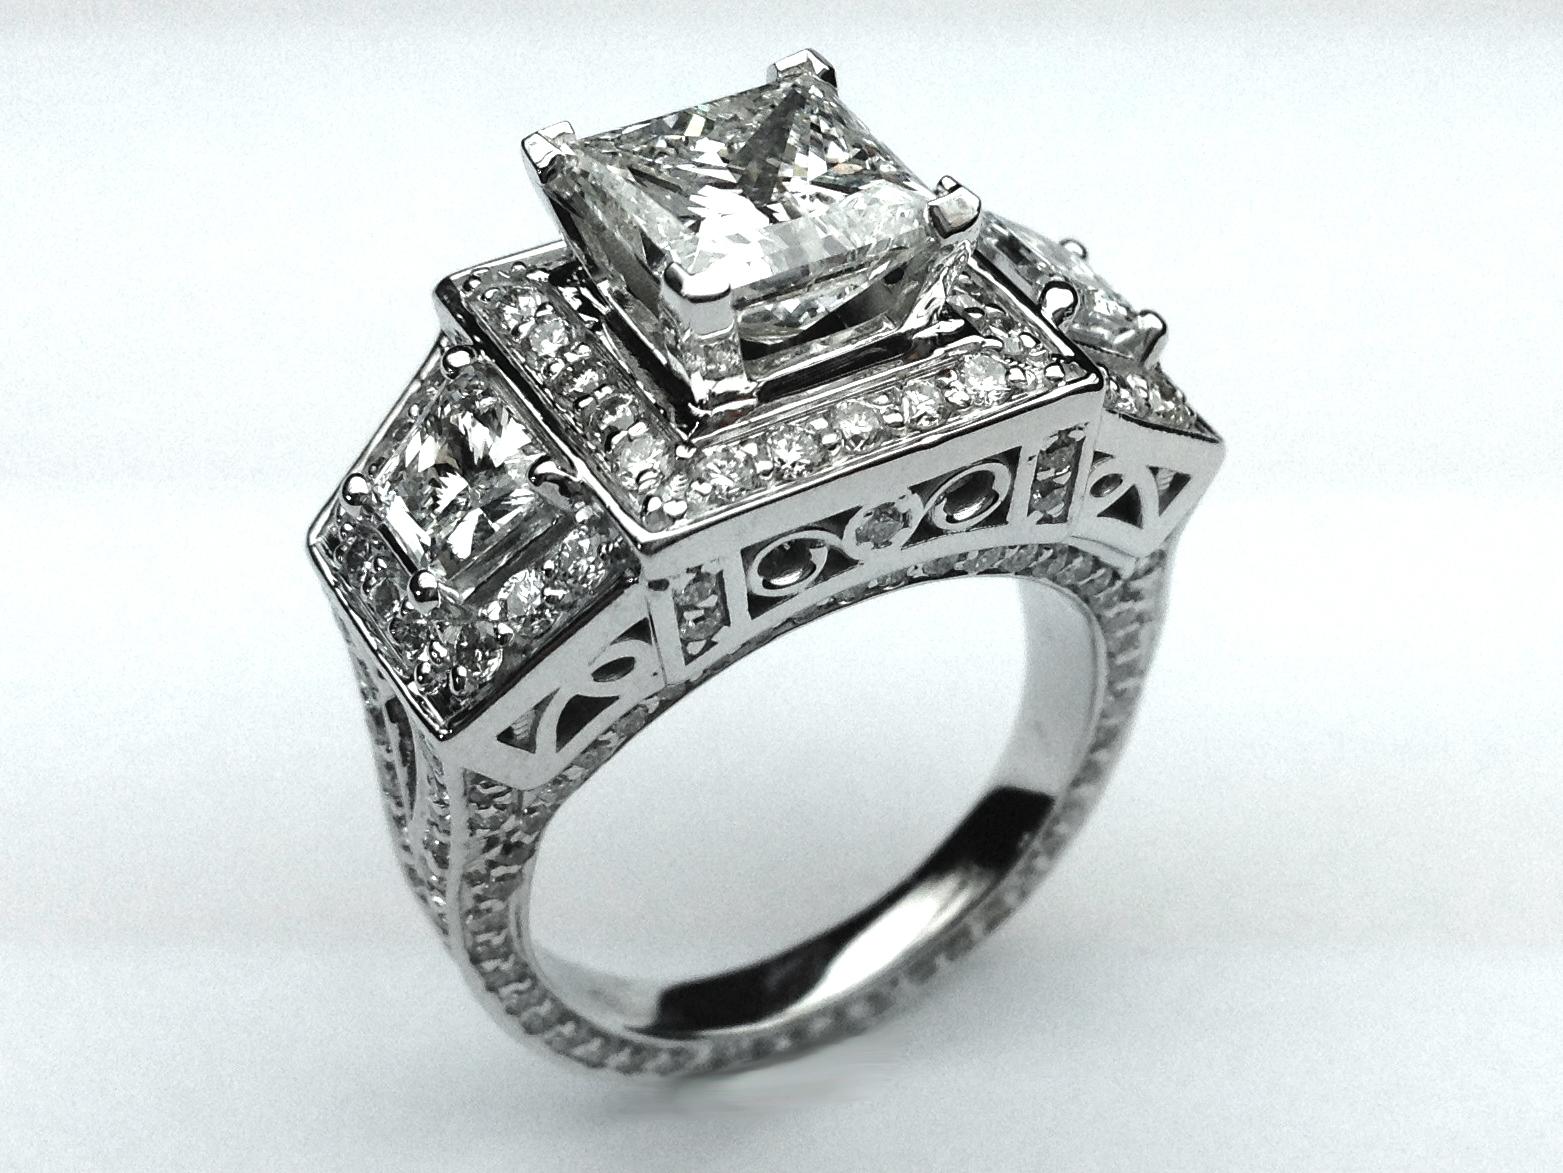 Emejing Large Diamond Wedding Rings Images Best Hairstyles in